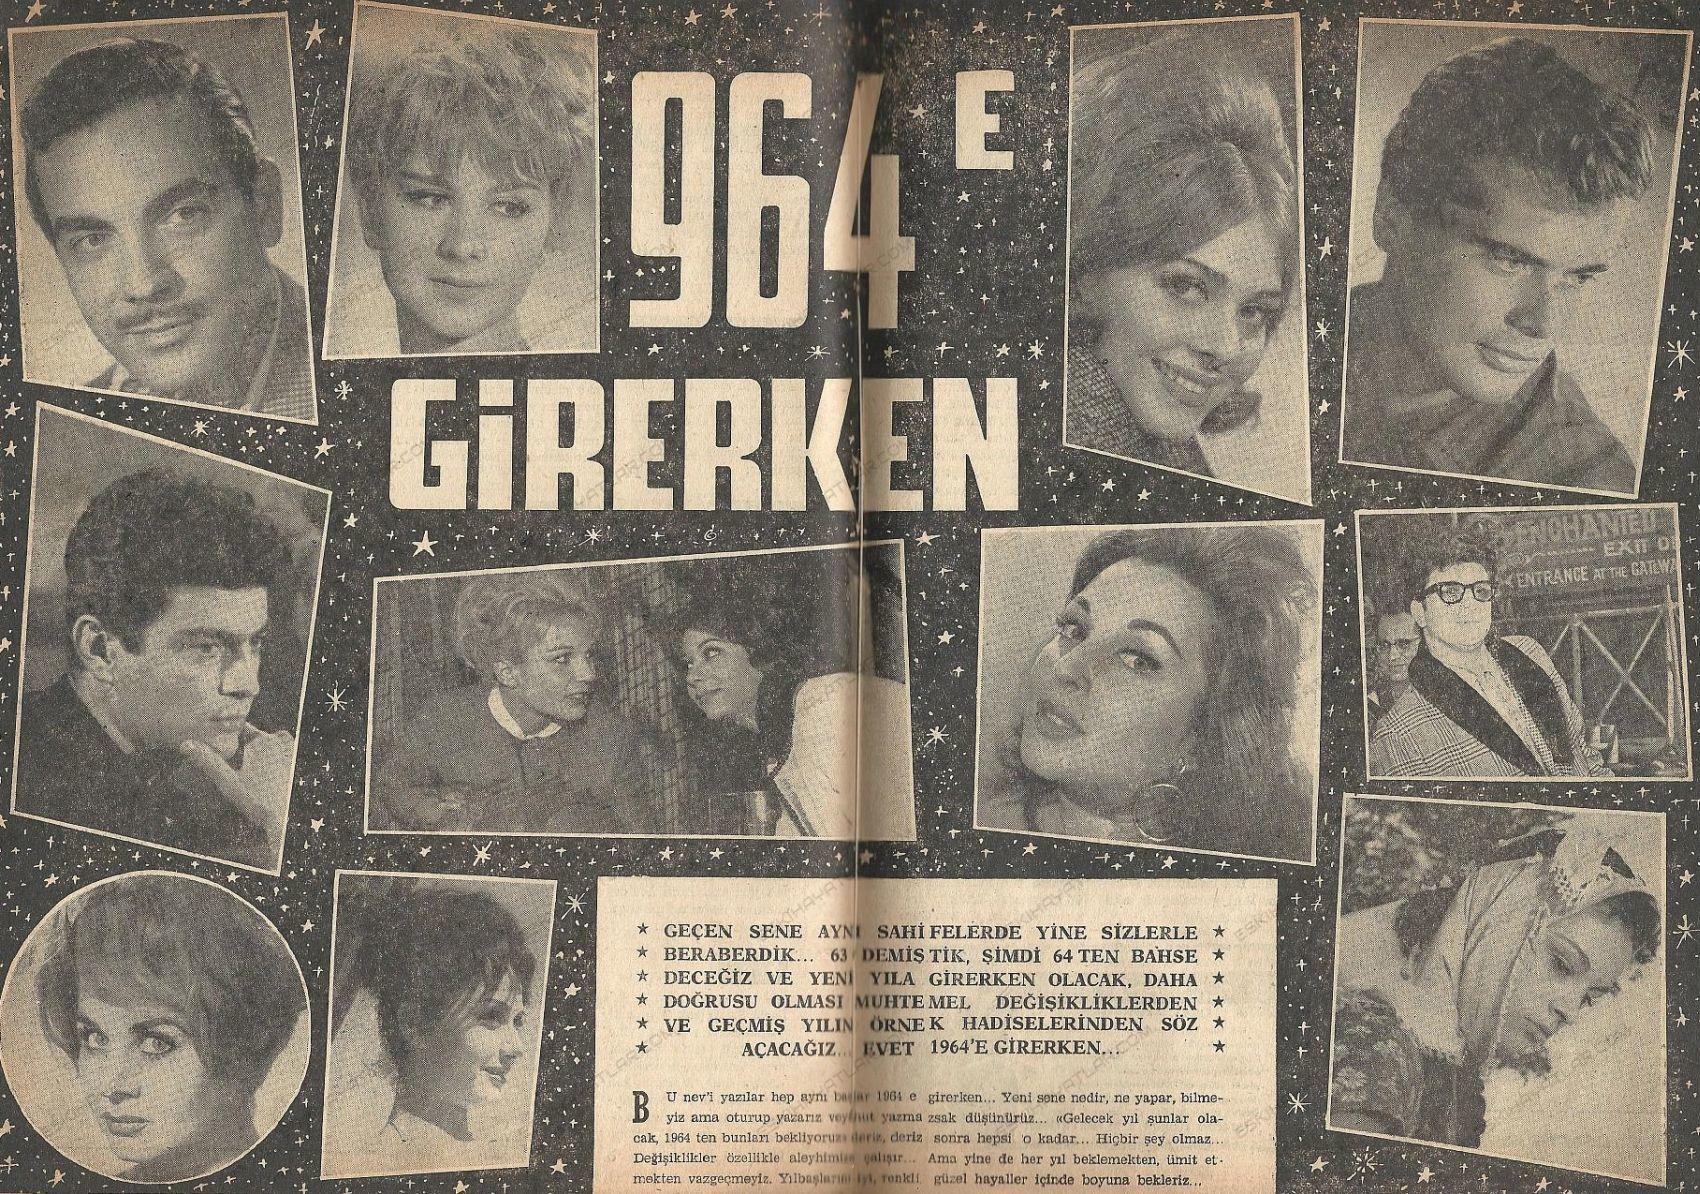 0270-tanju-gursu-esref-kolcak-ayhan-isik-belgin-doruk-1963-artist-dergisi-leyla-sayar-goksel-arsoy-sevim-emre-fikret-hakan-efgan-efekan-semra-sar-muhterem-nur-ozden-celik-evrim-fer (1)